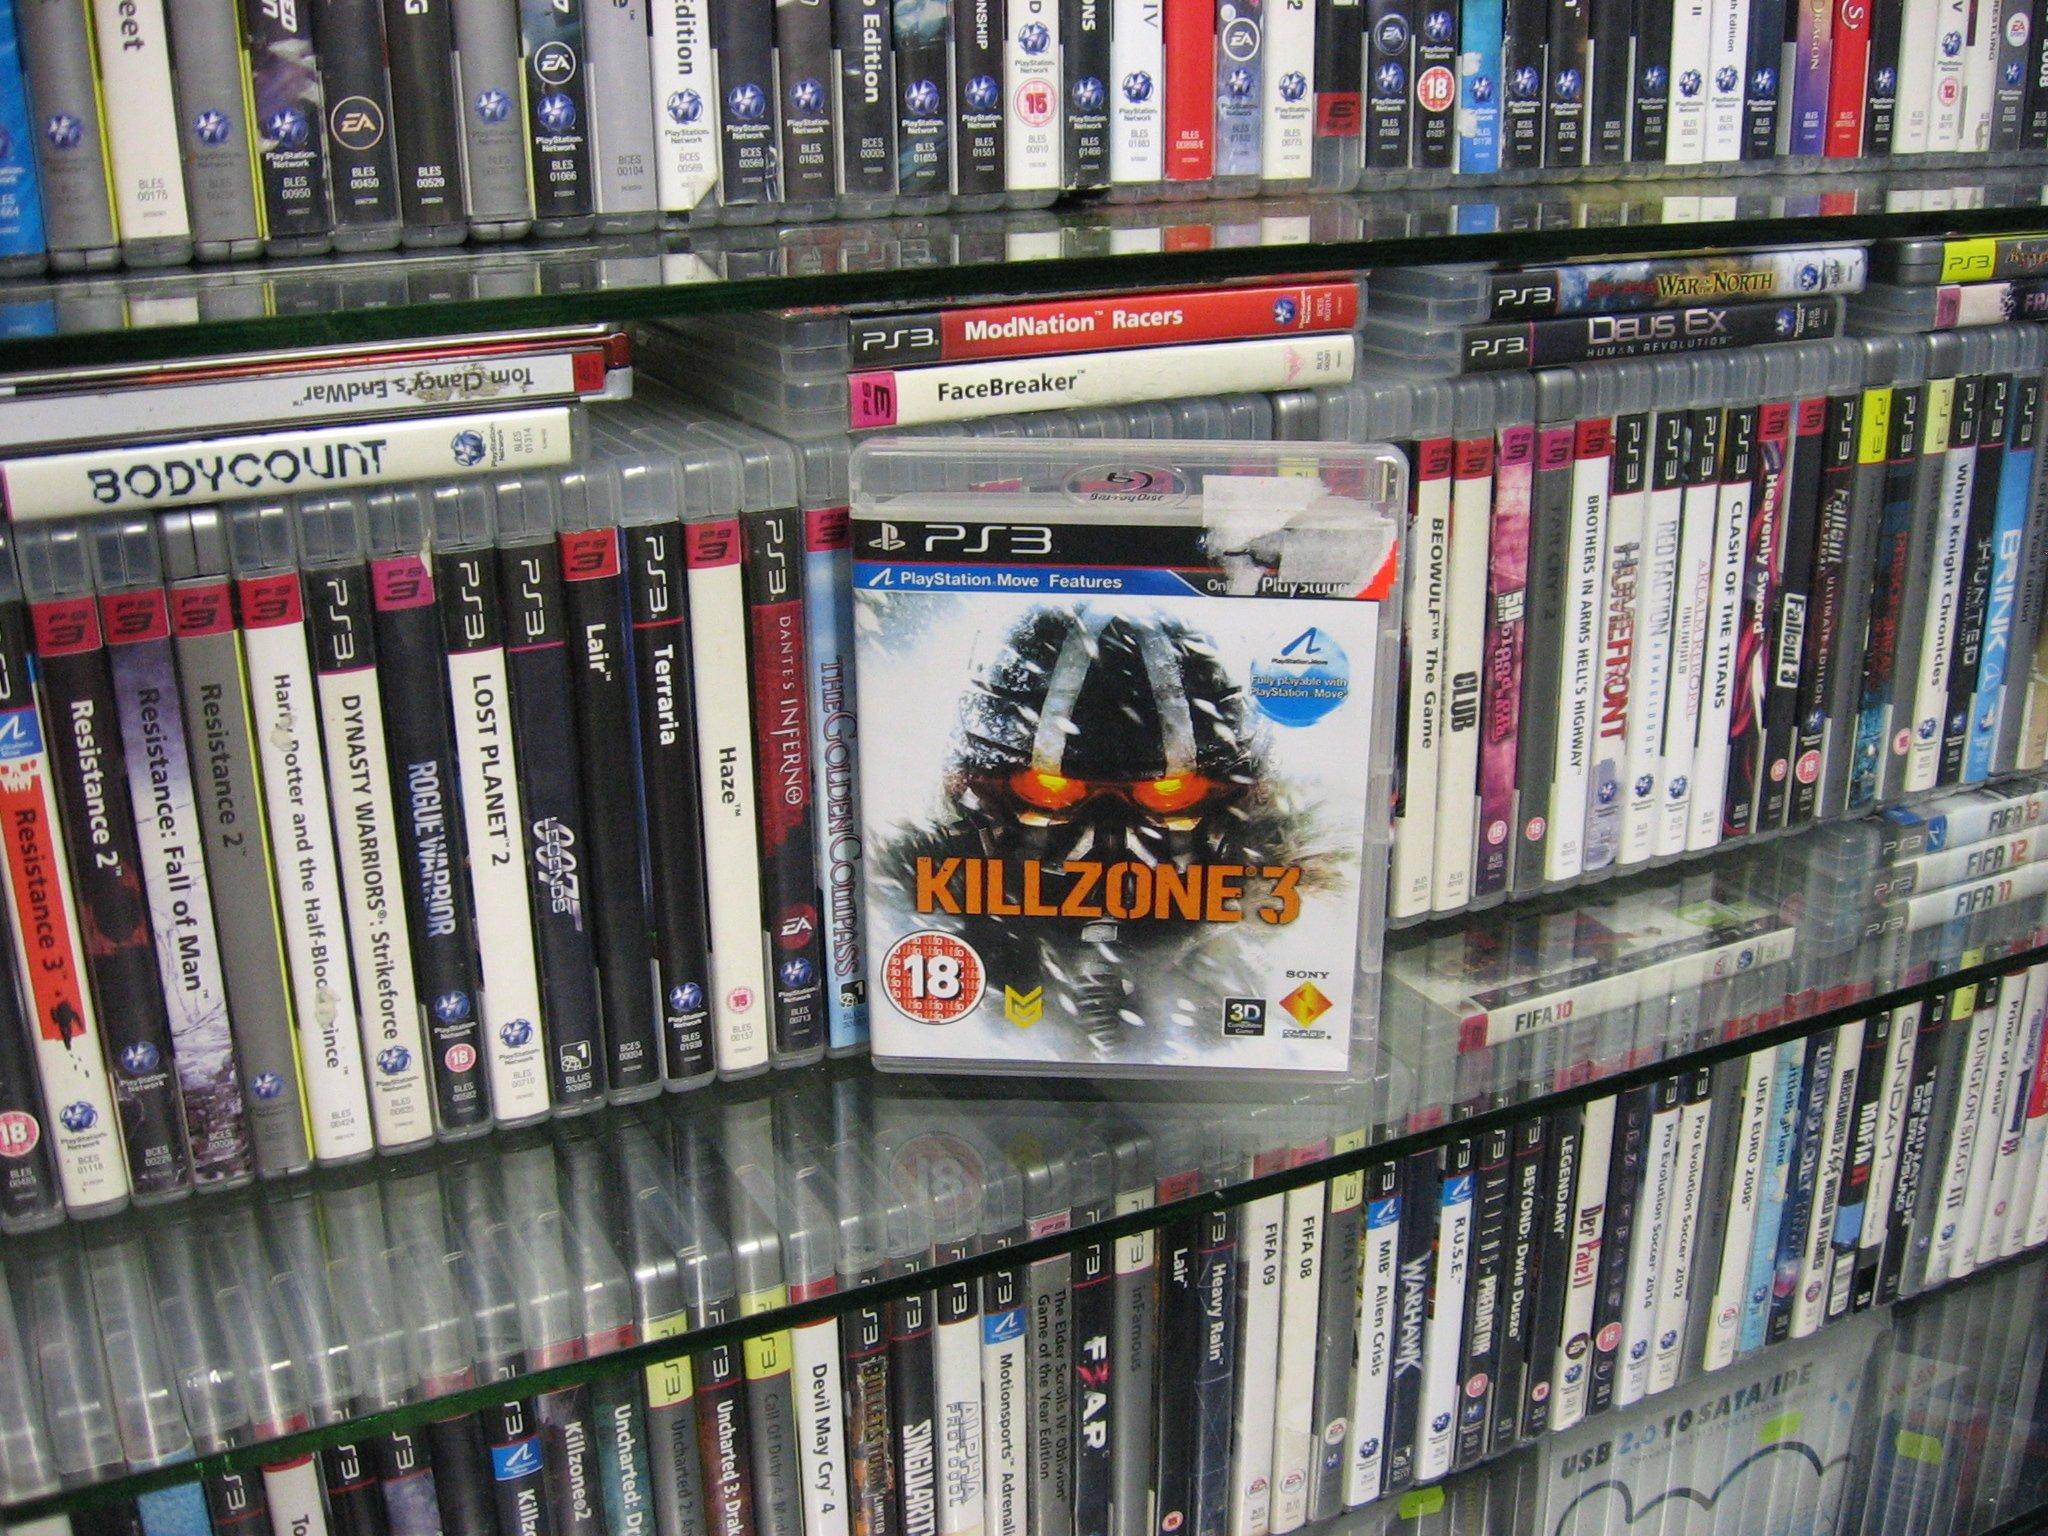 Killzone 3 - GRA PS3 Sklep 0034